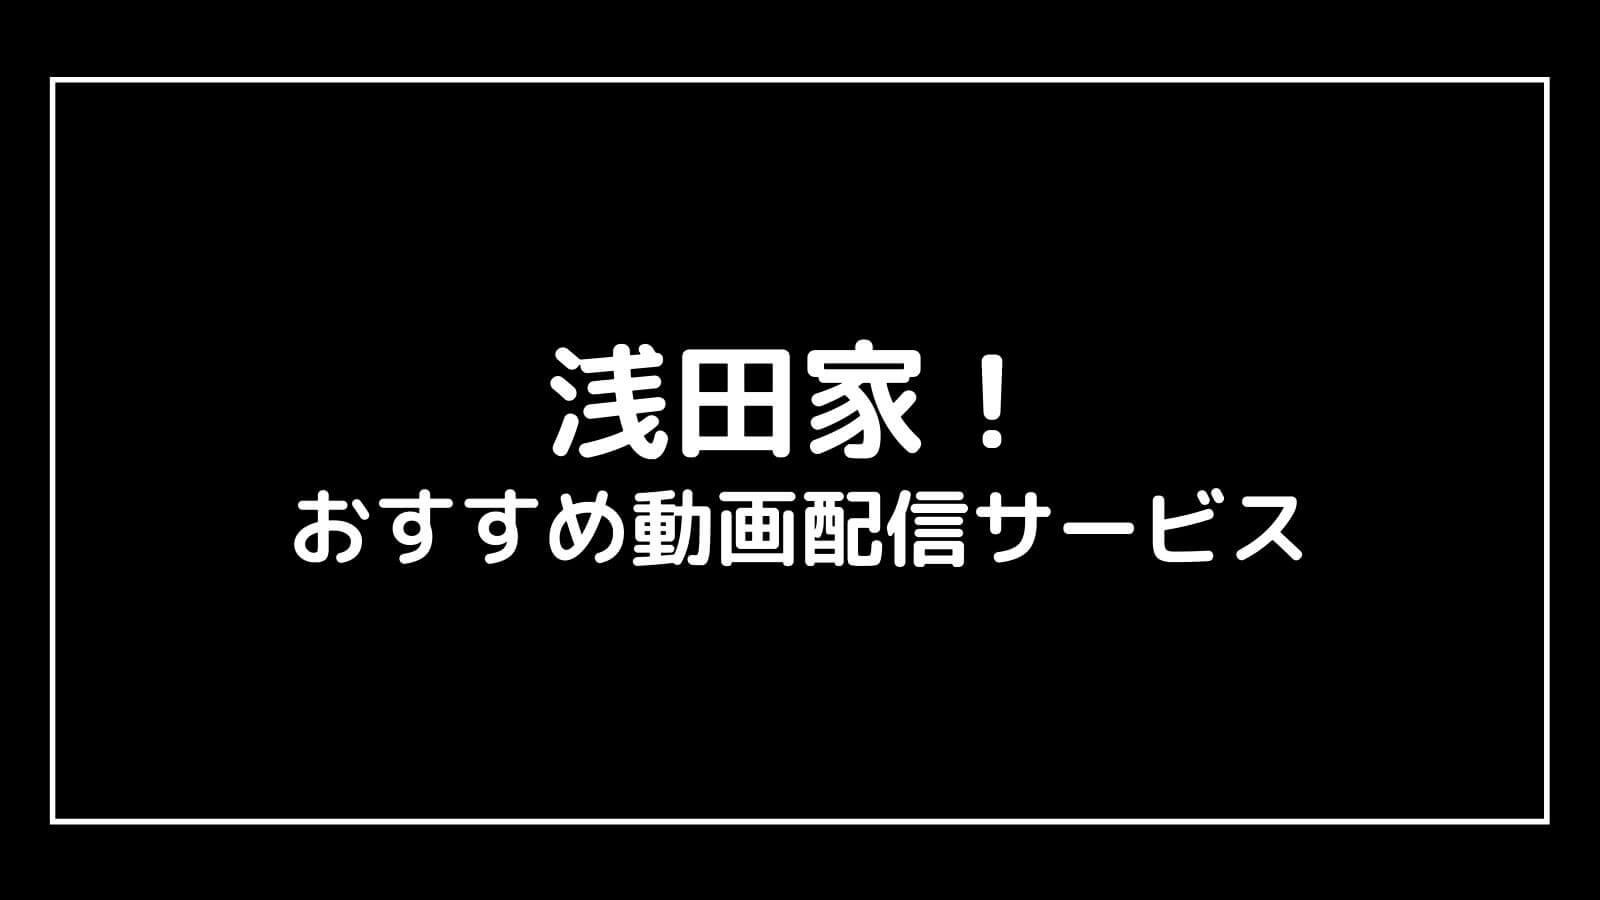 『浅田家!』無料映画をフル視聴できるおすすめ動画配信サービス